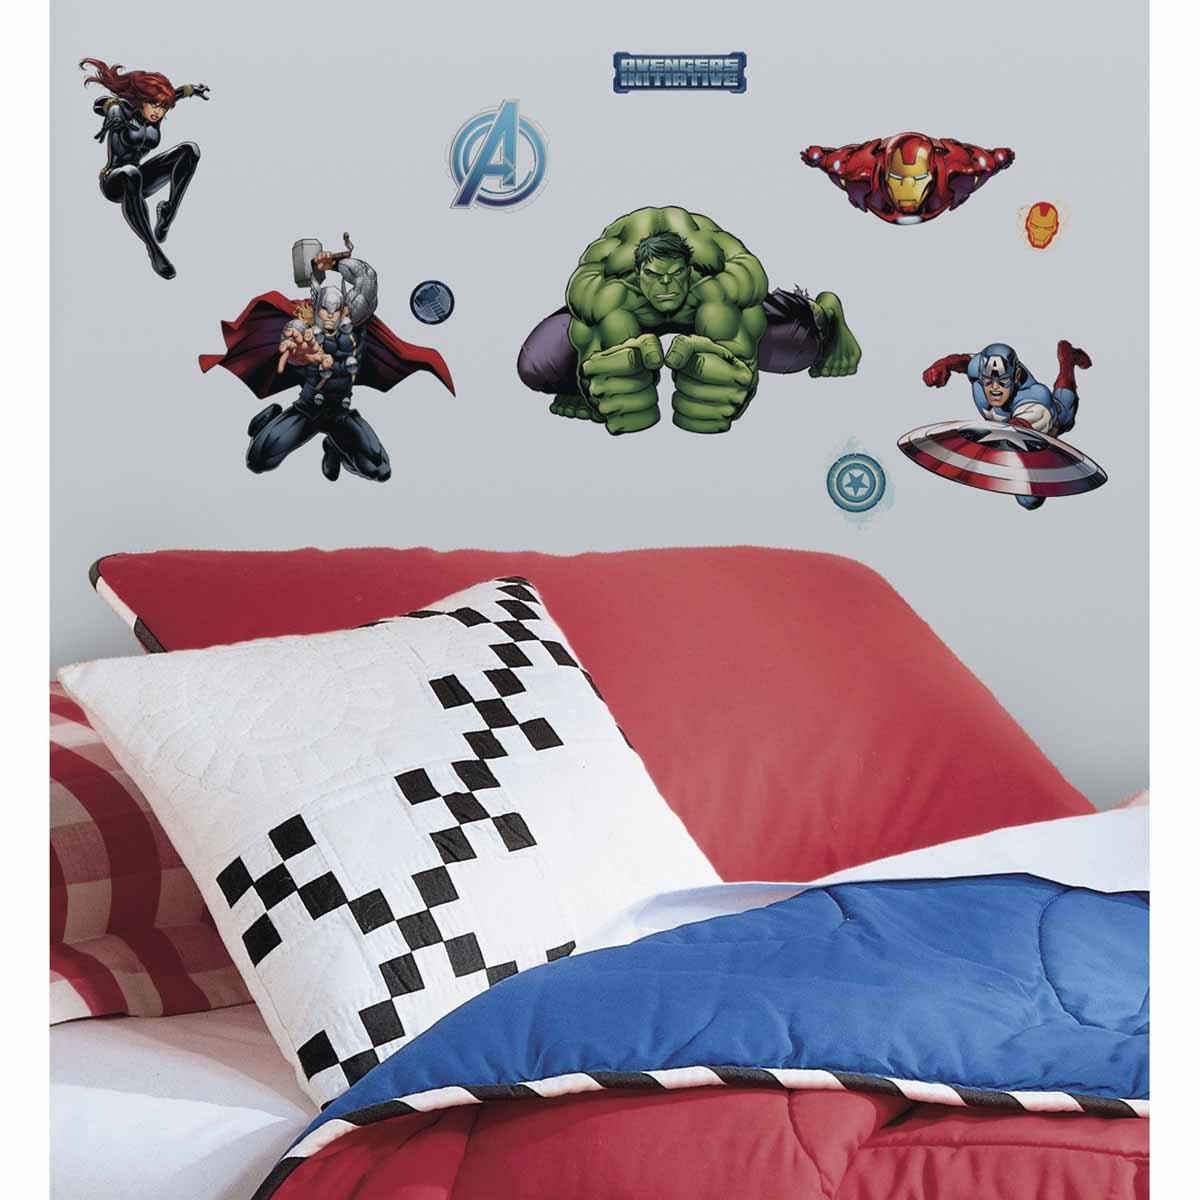 RoomMates Наклейка интерьерная Мстители 28 штRMK2242SCSИнтерьерная наклейка RoomMates Мстители обязательно станет украшением вашей квартиры. Новый яркий набор наклеек для декора оценит каждый любитель классических комиксов от студии Марвел! Наклейки, входящие в набор, содержат изображения Капитана Америки, Железного Человека, Халка, Тора, Черной Вдовы и других героев знаменитых комиксов. Всего в наборе 28 стикеров. Наклейки не нужно вырезать - их следует просто отсоединить от защитного слоя и поместить на стену или любую другую плоскую гладкую поверхность. Наклейки многоразовые: их легко переклеивать и снимать со стены, они не оставляют липких следов на поверхности. В каждой индивидуальной упаковке вы можете найти 4 листа с различными наклейками!